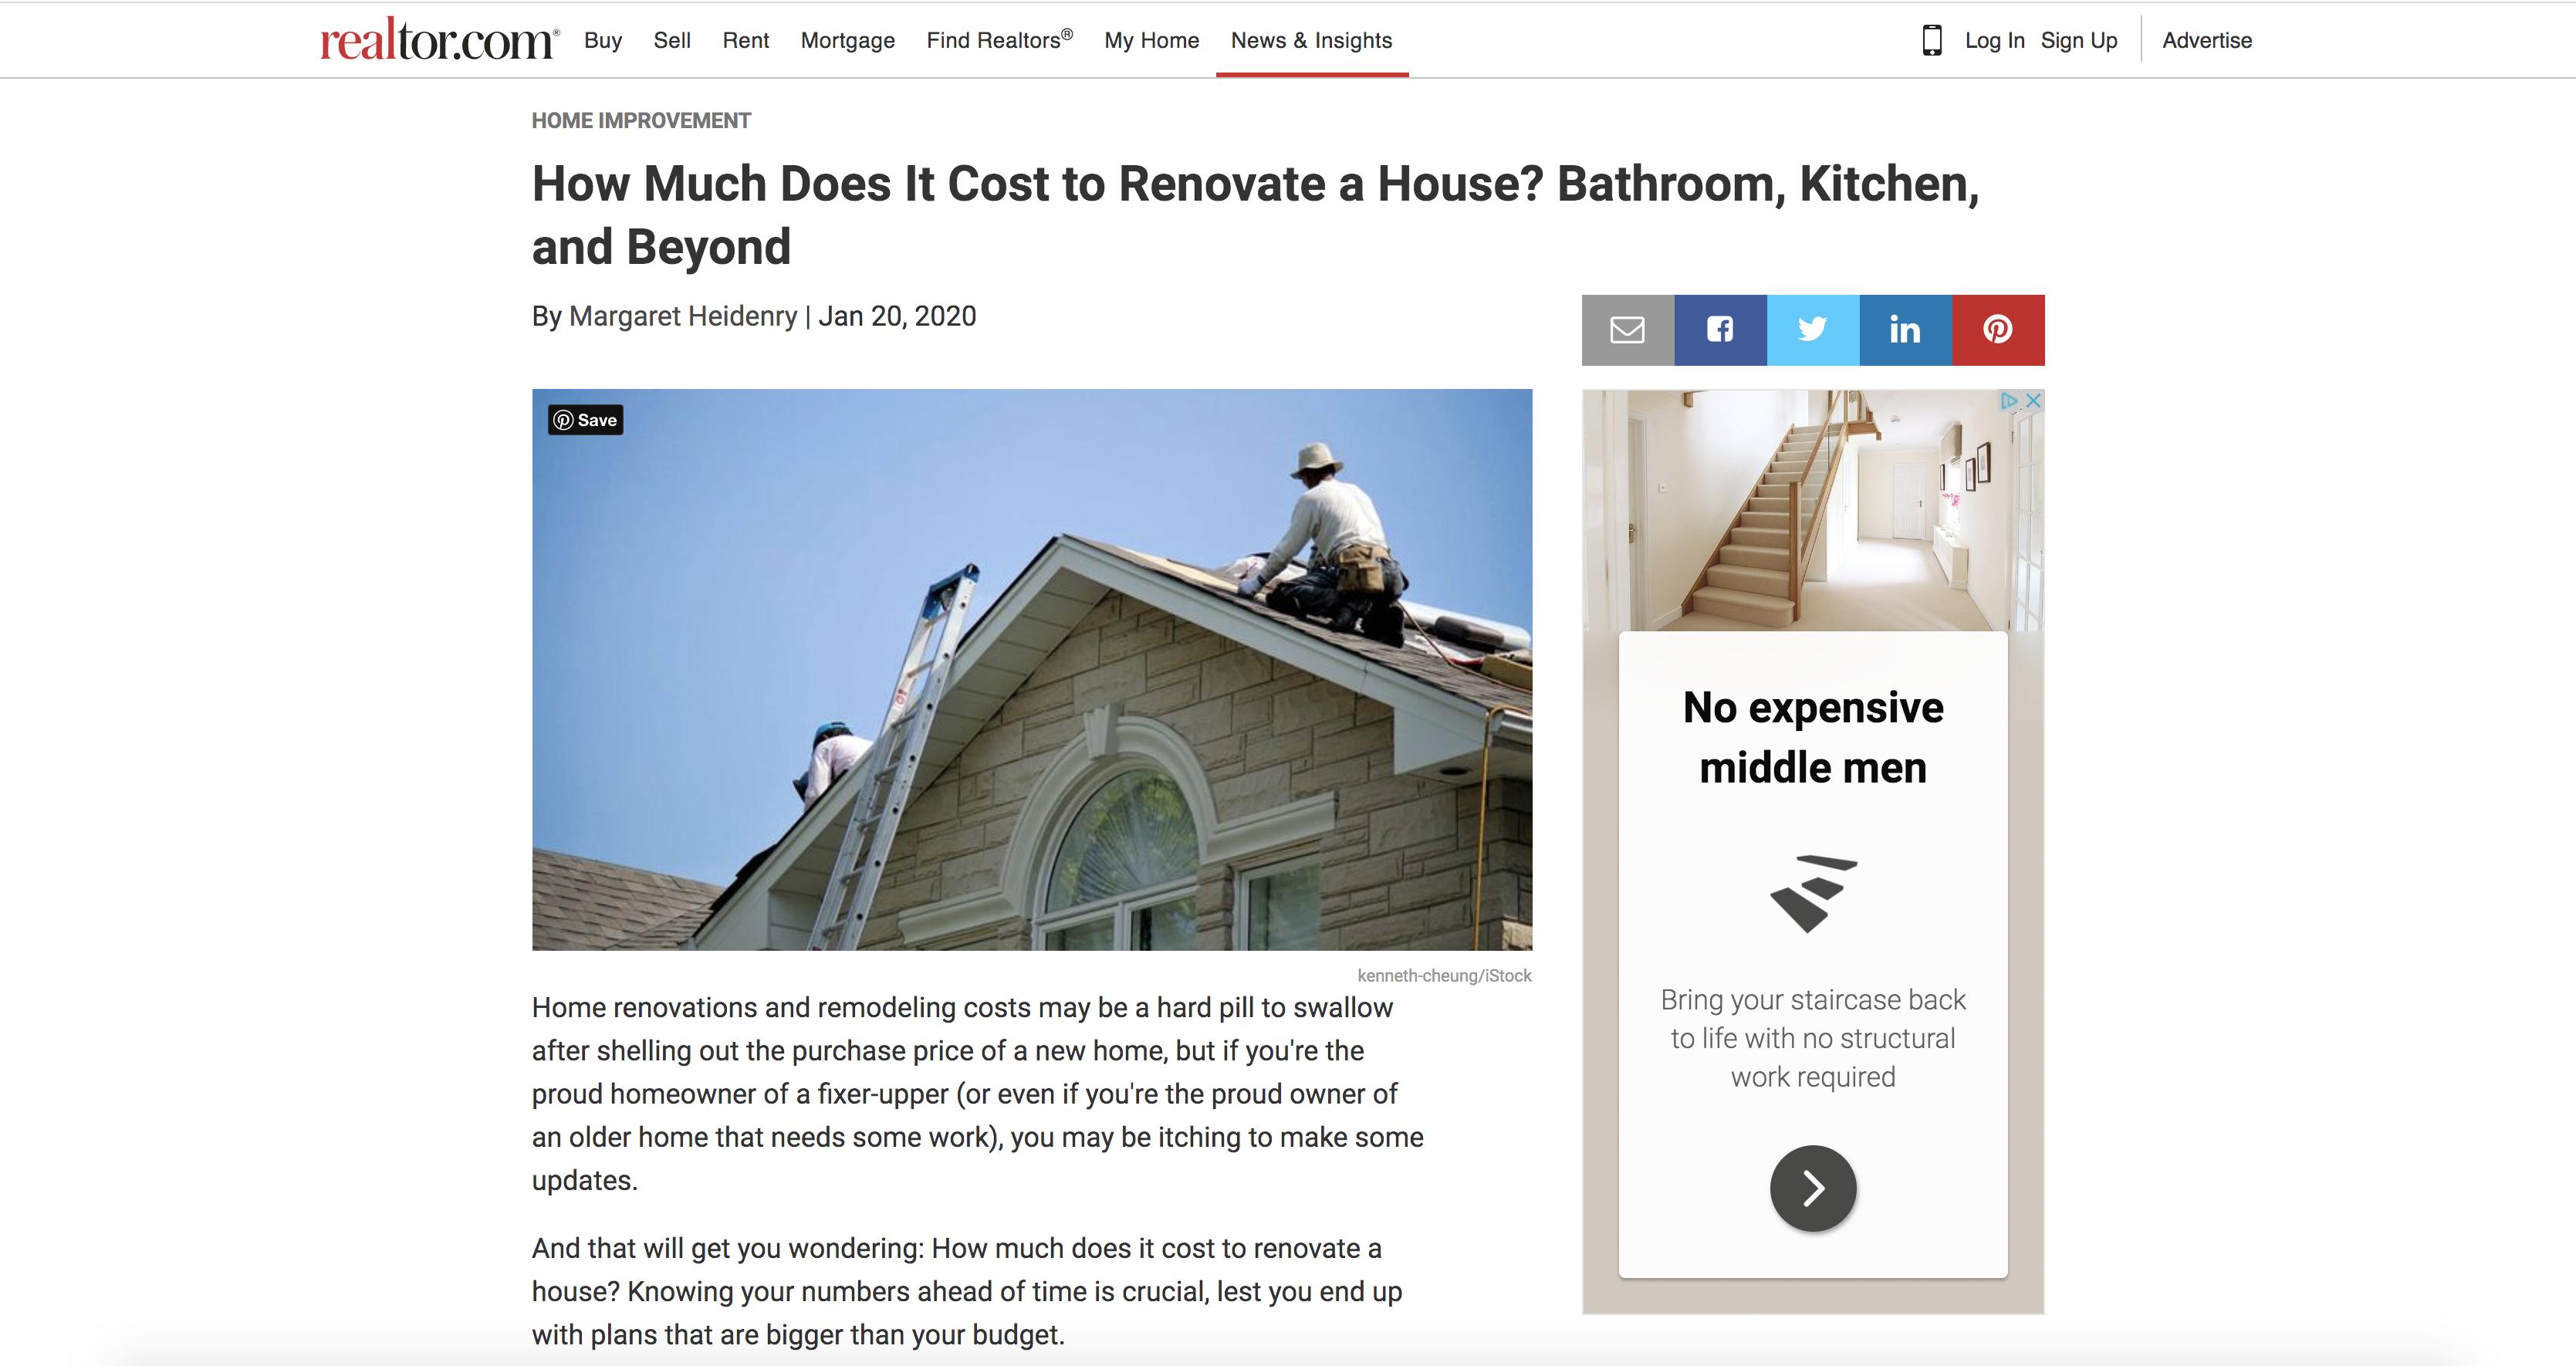 realtor.com house renovation post screenshot